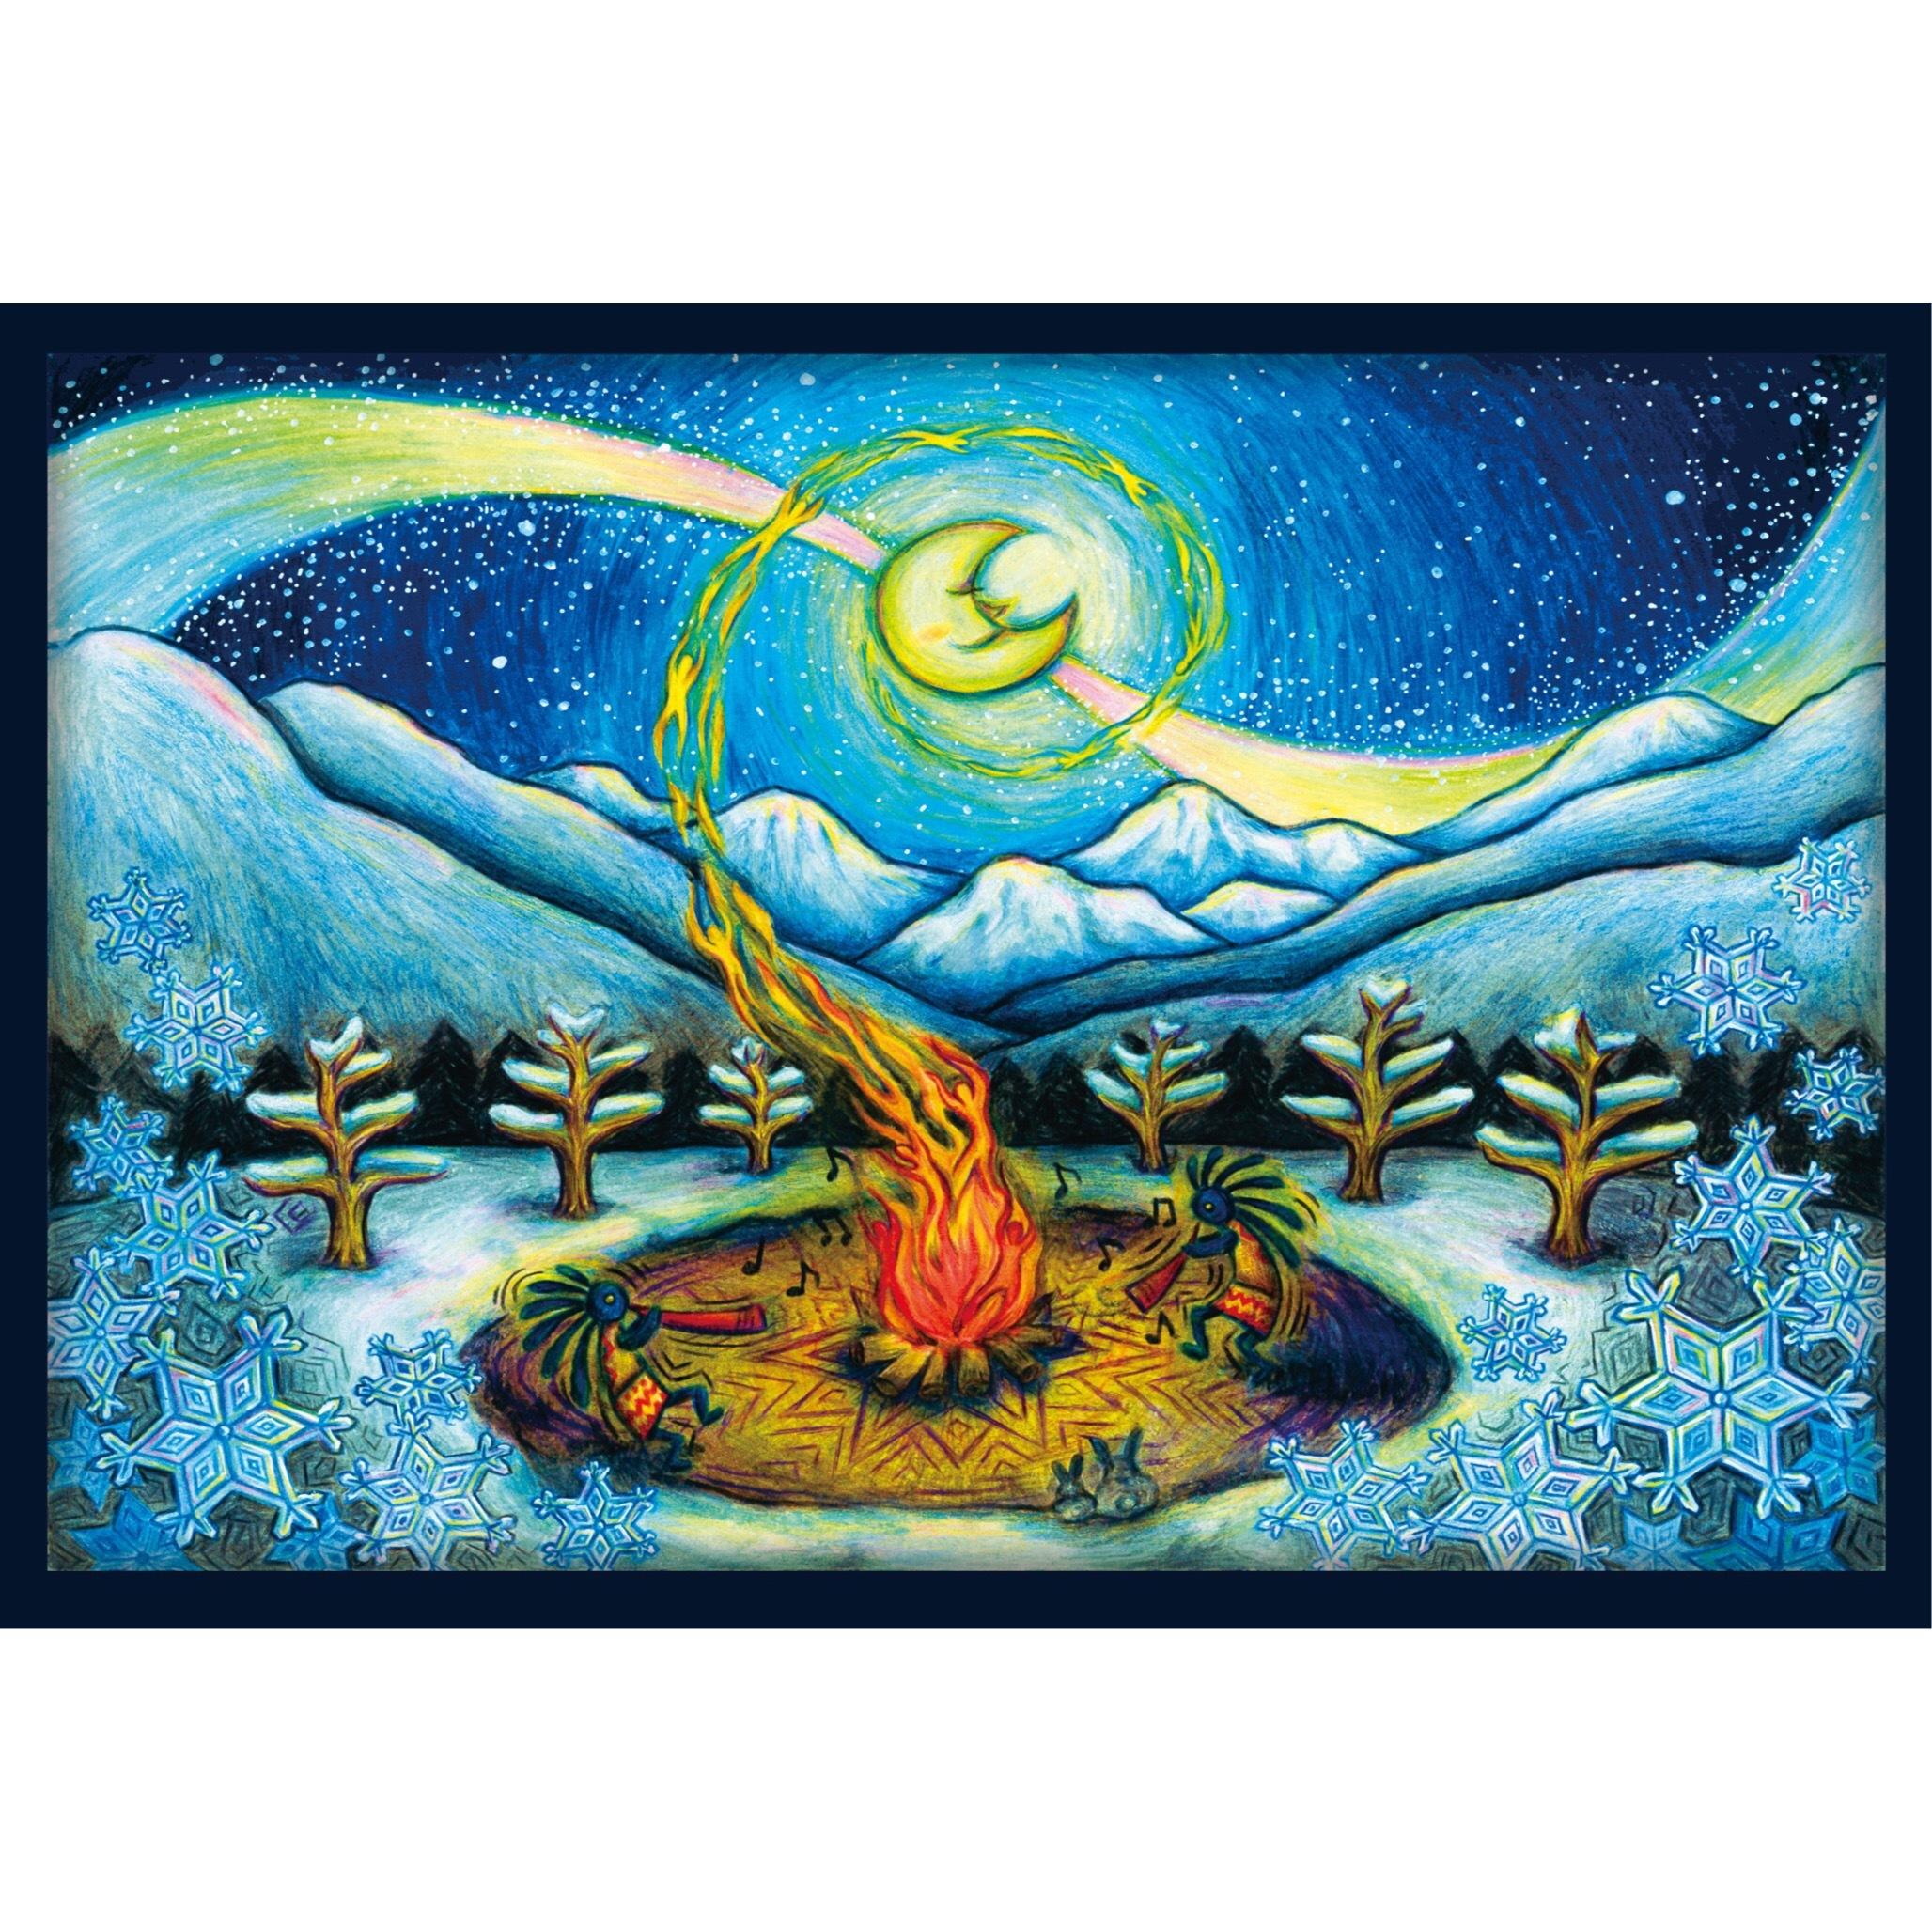 ポストカード『ココペリの冬』